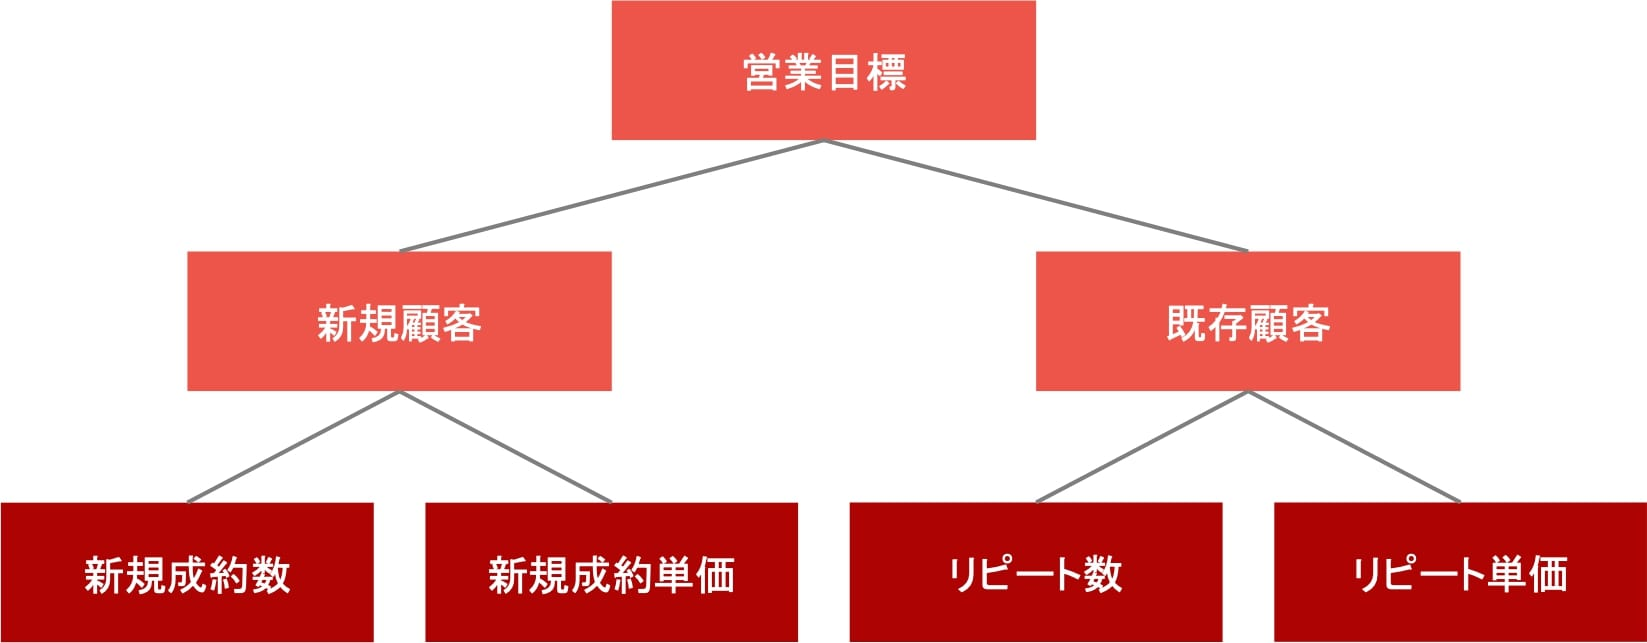 営業目標をKGI(=Webマーケティングの数値目標)に落とし込むときの説明図